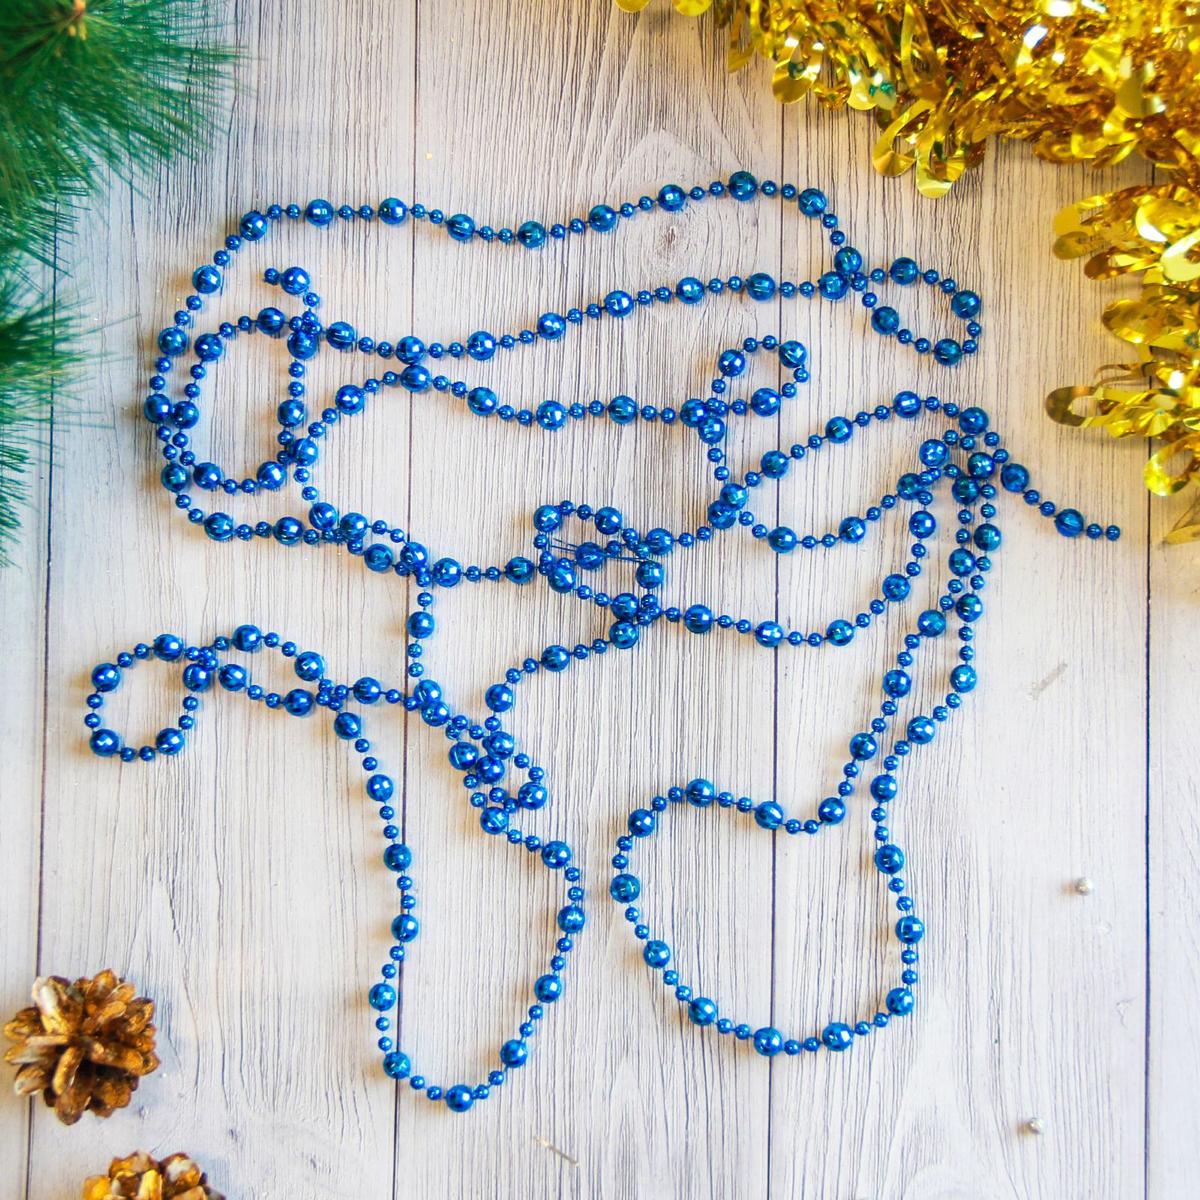 Бусы на елку Шарики, цвет: синий, диаметр 0,7 см, длина 2,7 м2371398Невозможно представить нашу жизнь без праздников! Мы всегда ждем их и предвкушаем, обдумываем, как проведем памятный день, тщательно выбираем подарки и аксессуары, ведь именно они создают и поддерживают торжественный настрой. Это отличный выбор, который привнесет атмосферу праздника в ваш дом!